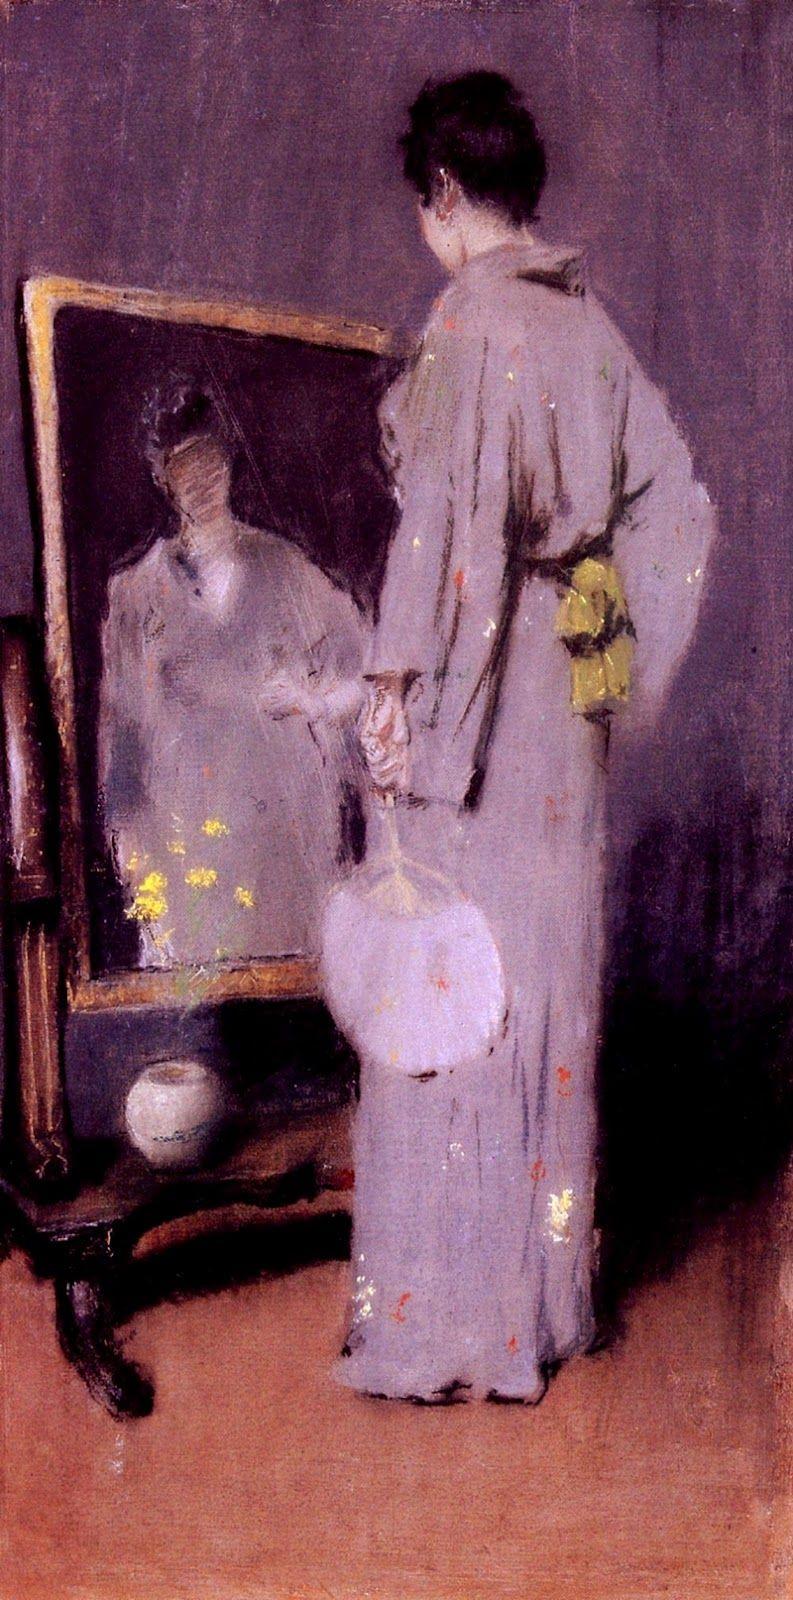 William Merritt Chase ~ Impressionist painter | Tutt'Art@ | Pittura • Scultura • Poesia • Musica